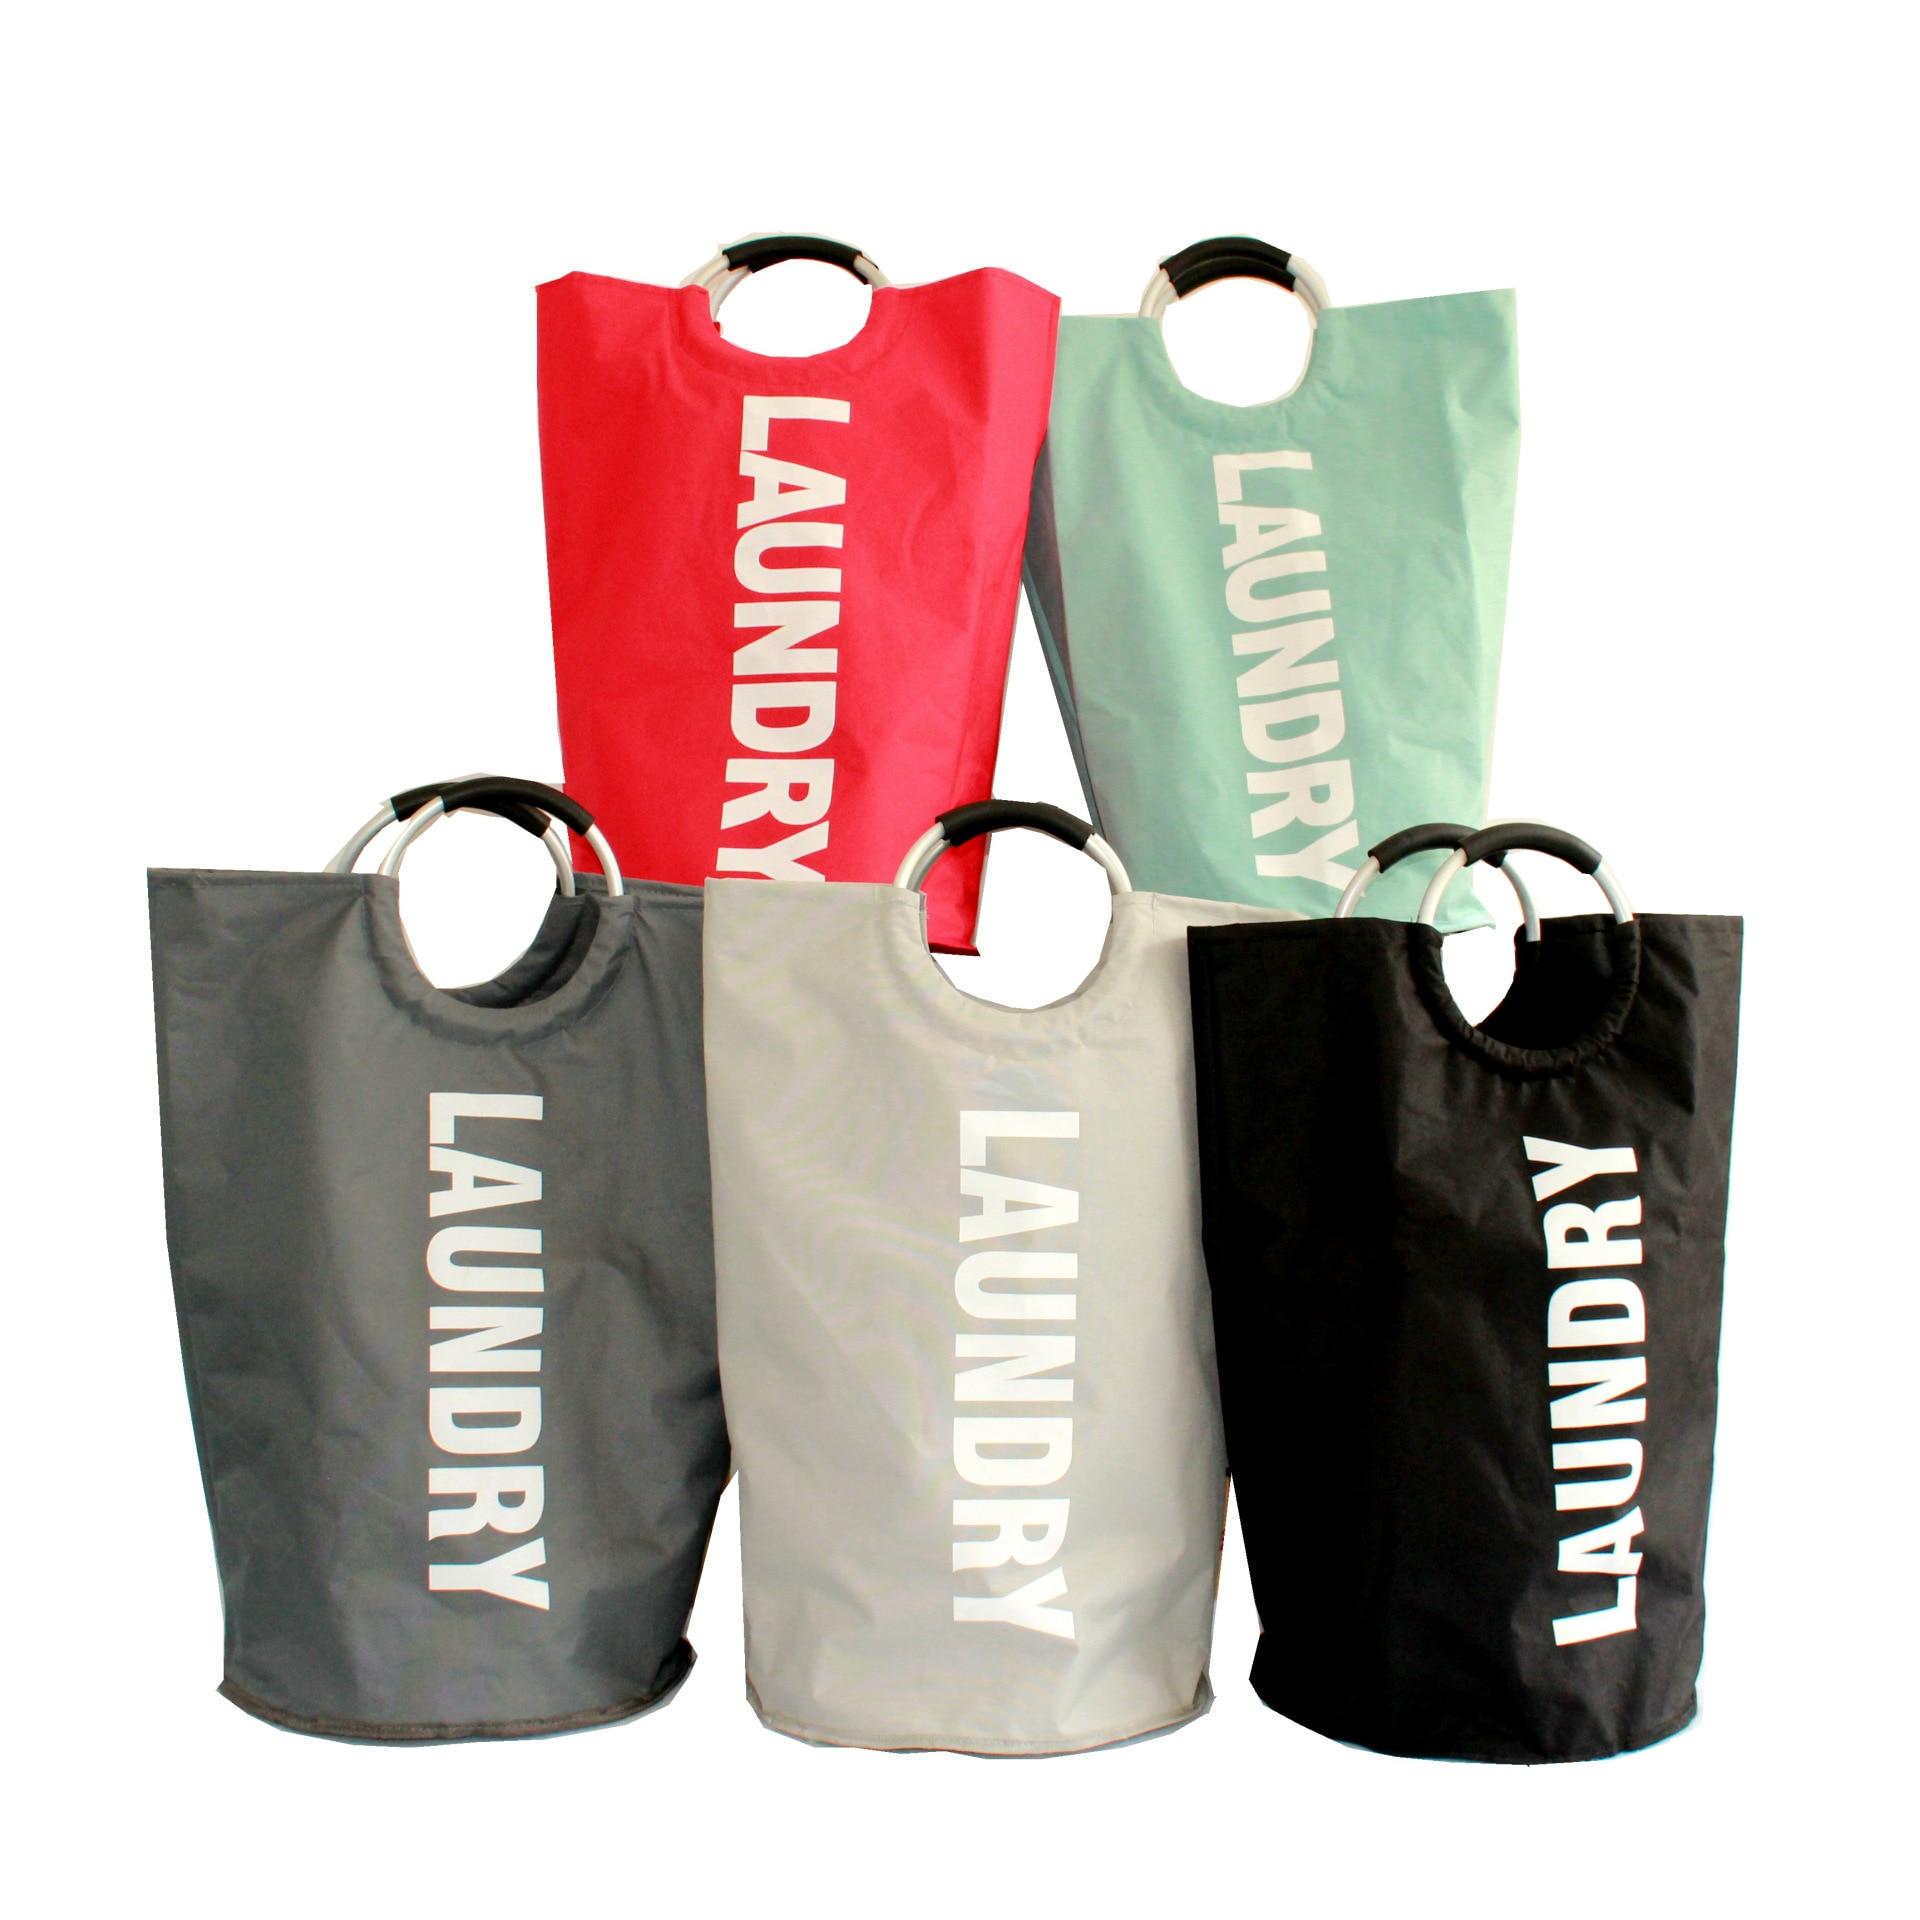 حقيبة تخزين كبيرة السعة ، قماش أكسفورد ، طبقة مزدوجة ، مقبض ألومنيوم ، سلة غسيل قابلة للطي